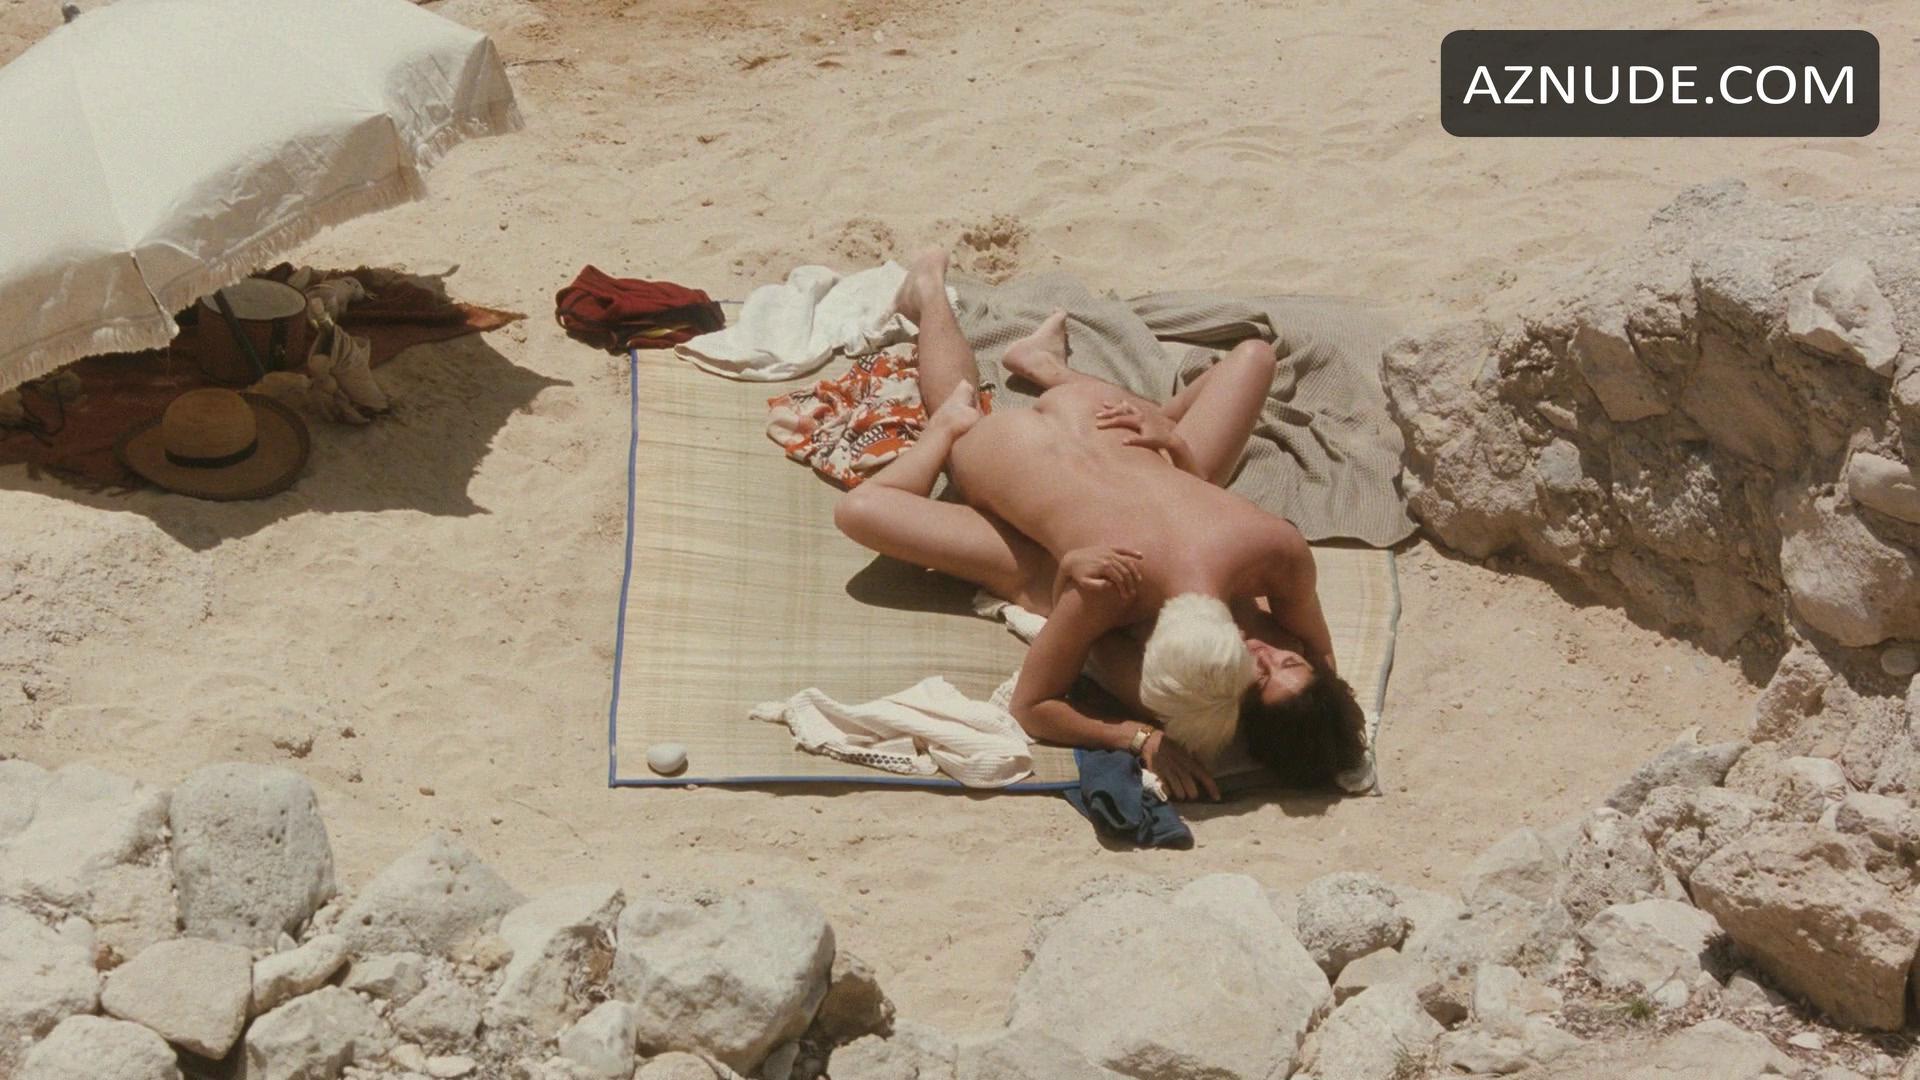 garden of eden nudist film